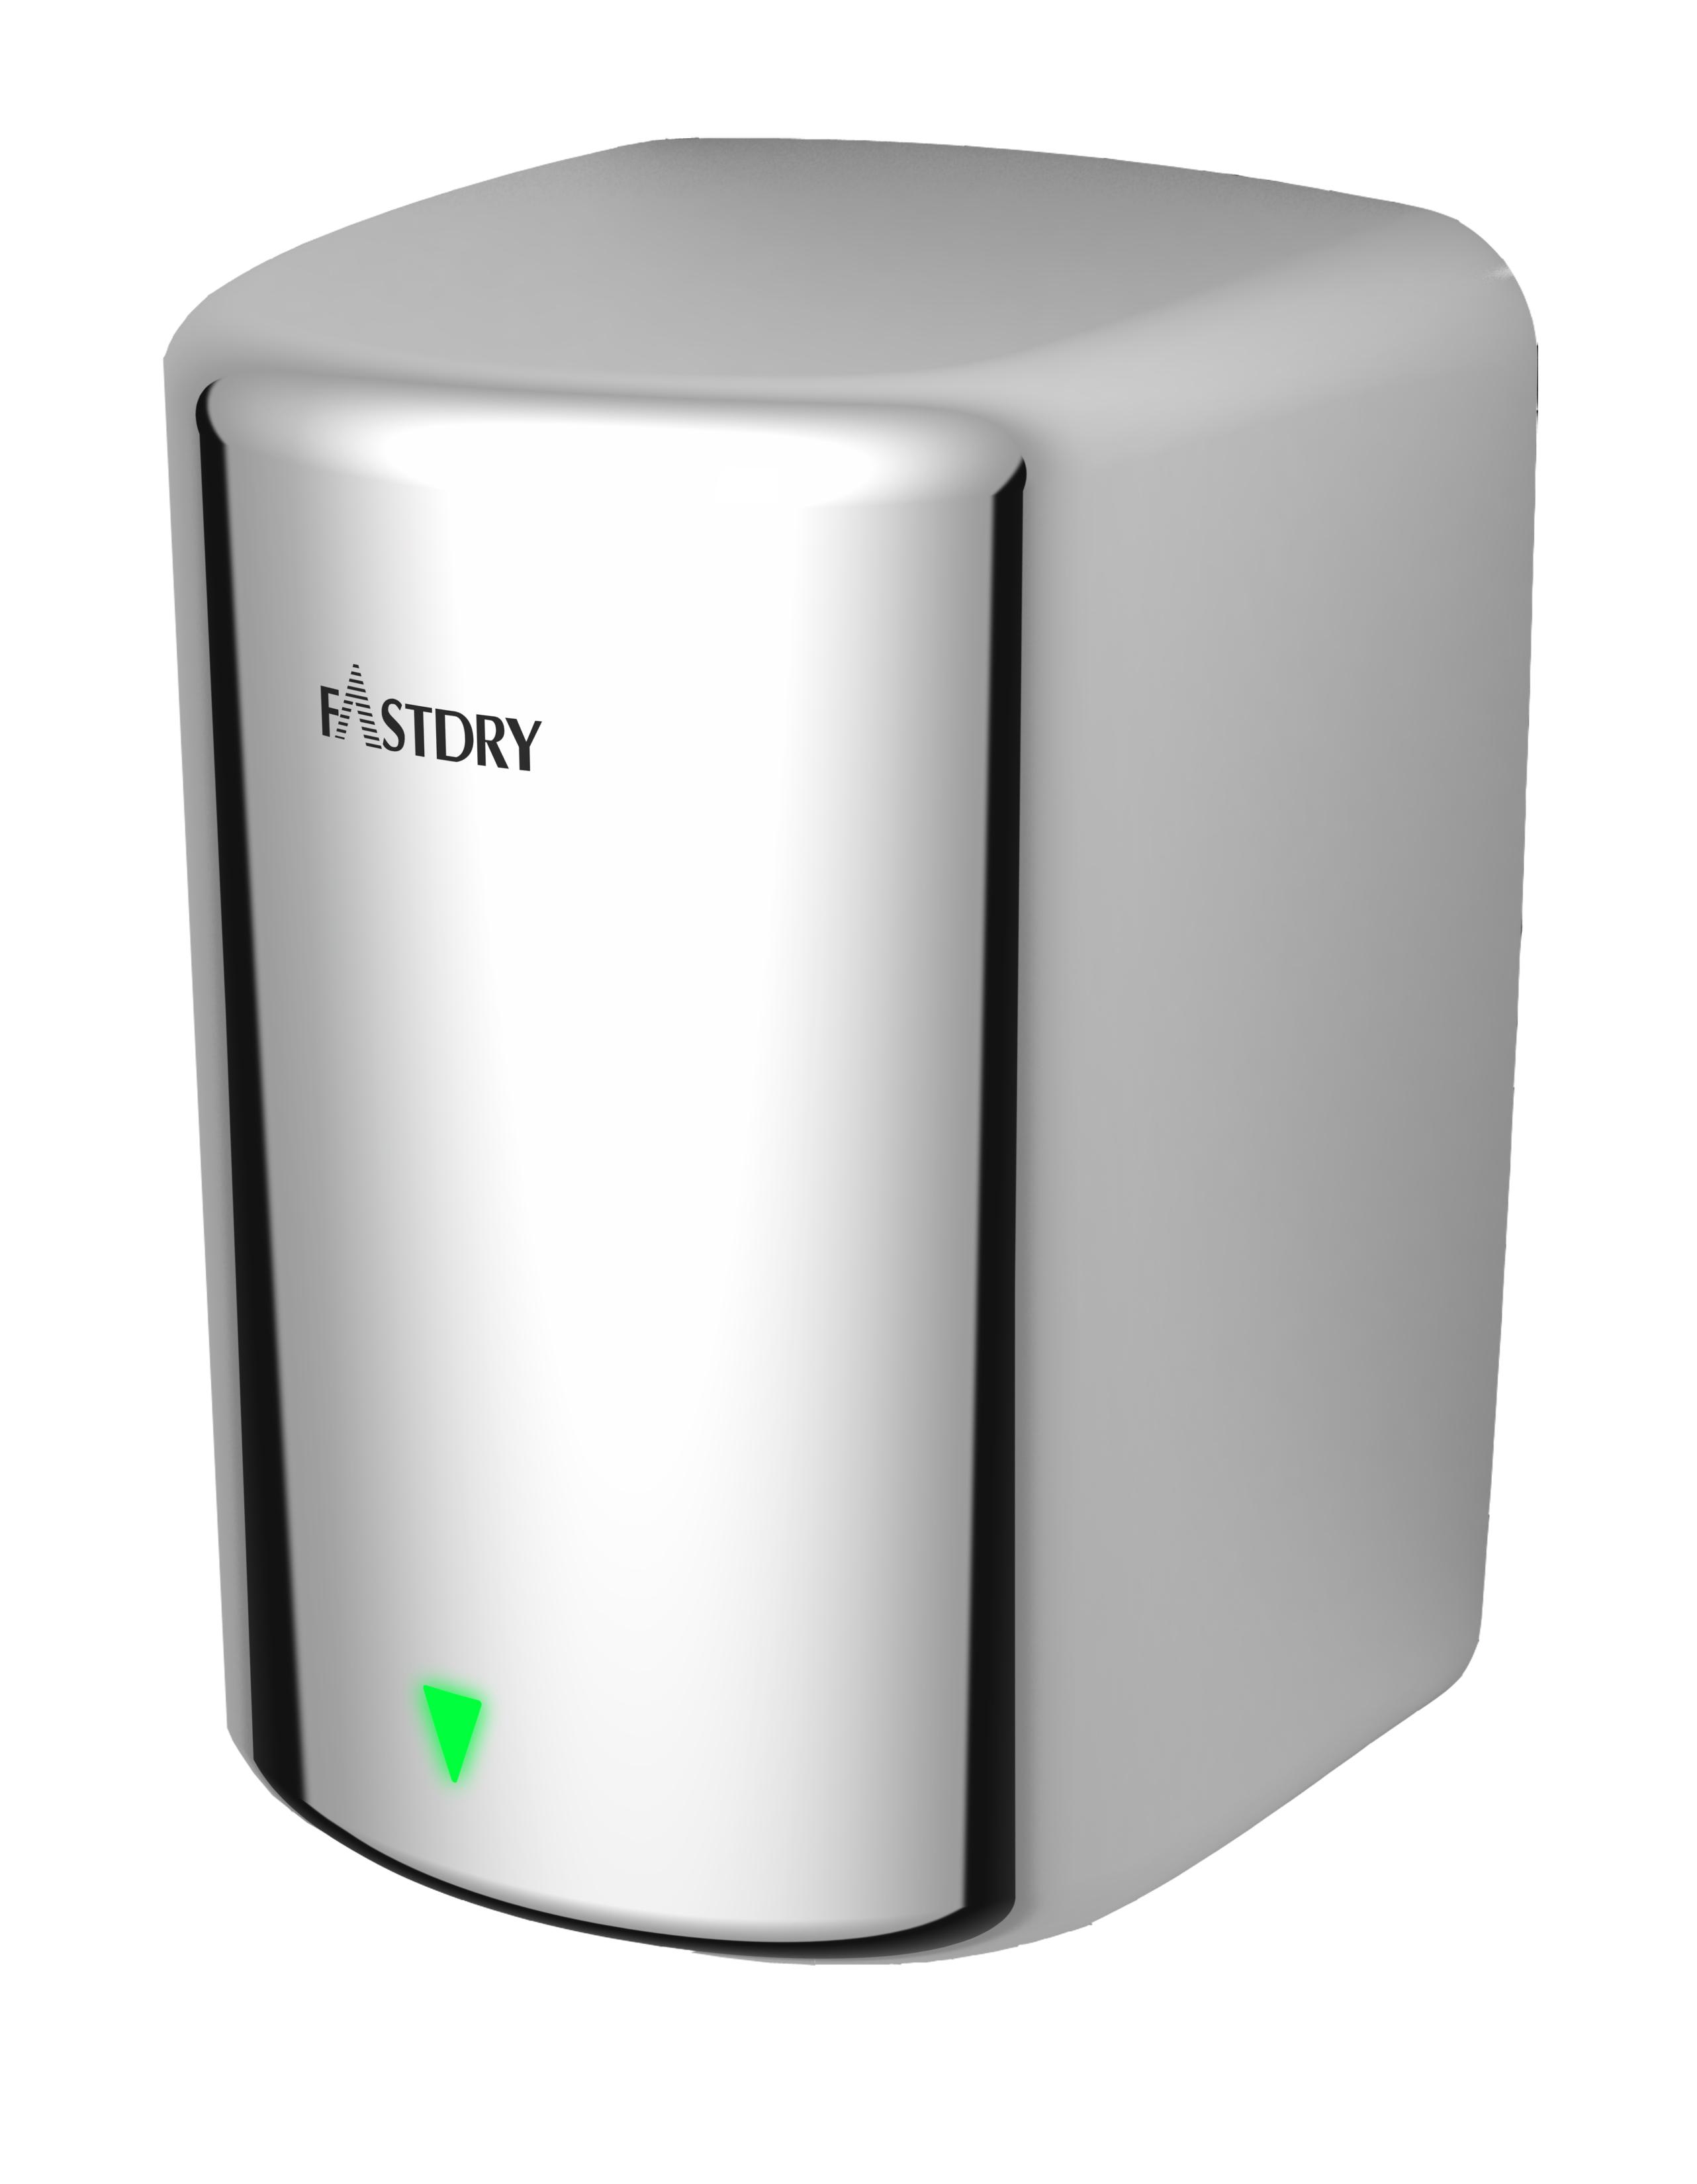 Jet-air High Speed Hand Dryer